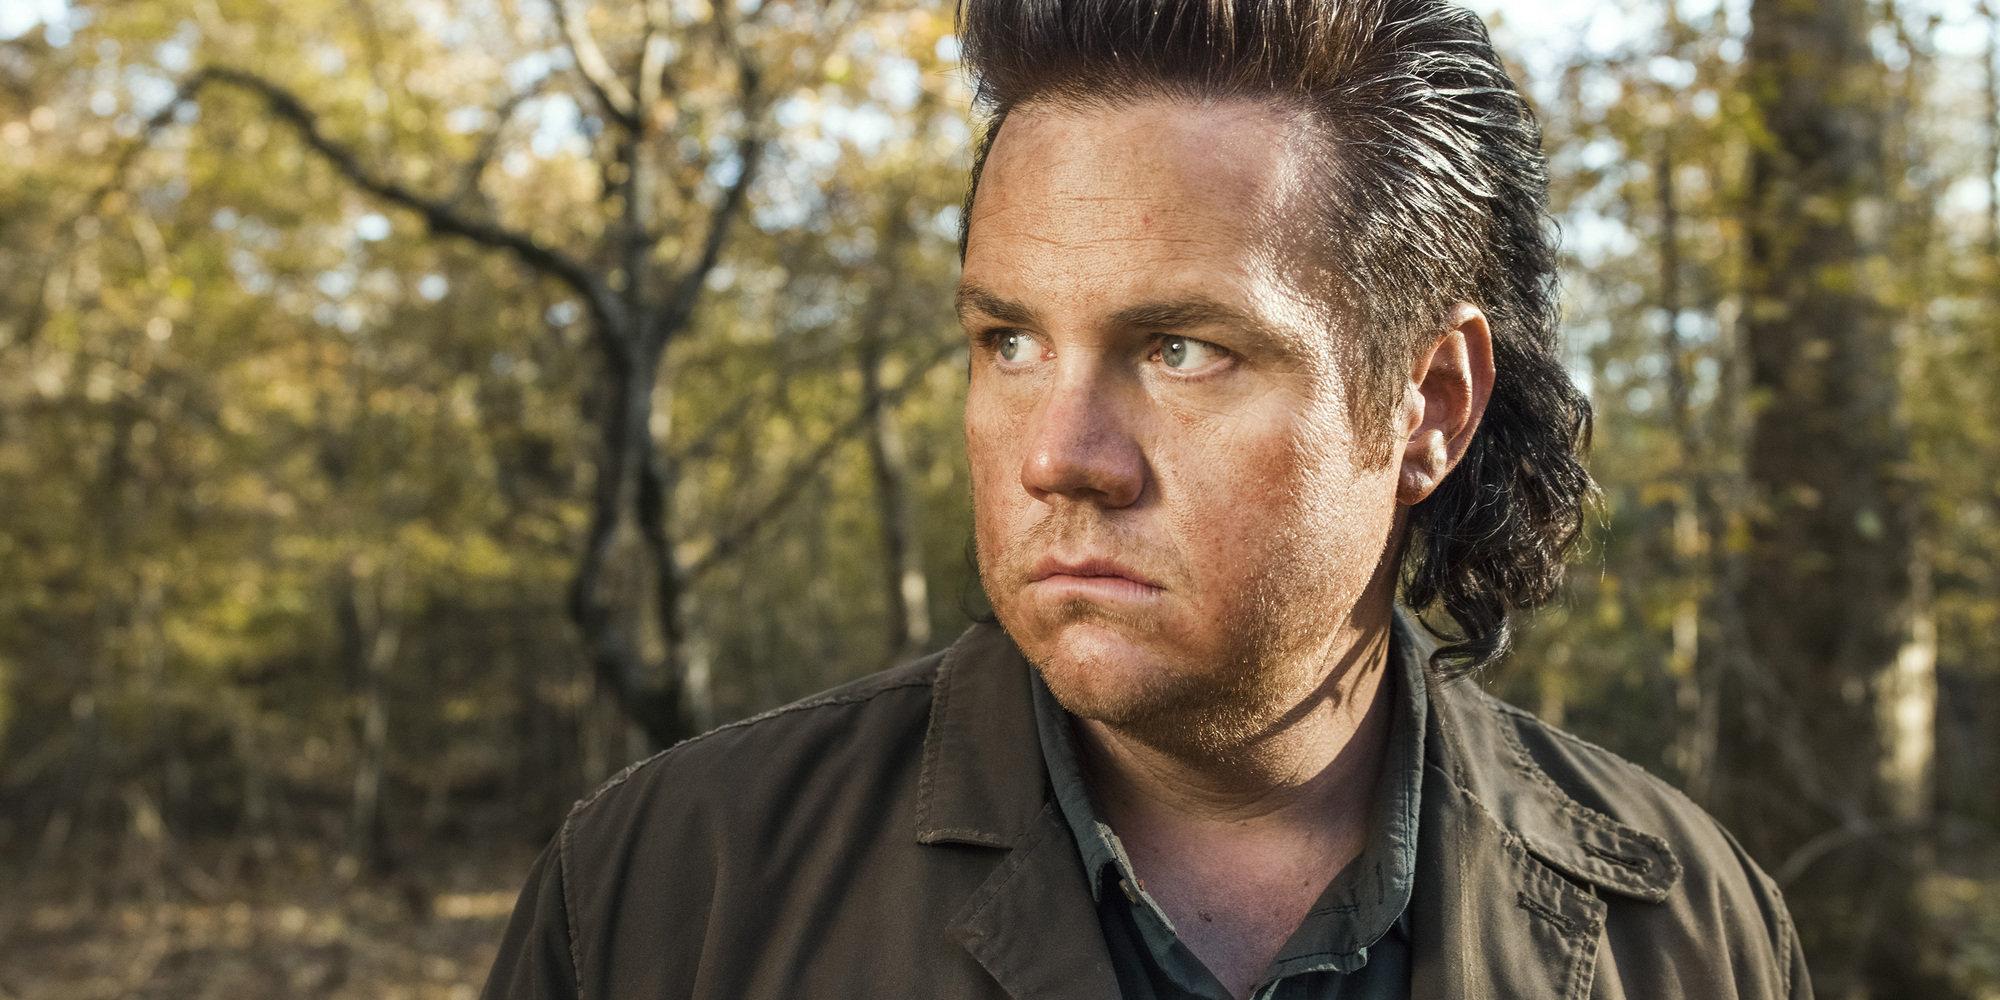 Josh McDermitt as Eugene Porter in The Walking Dead